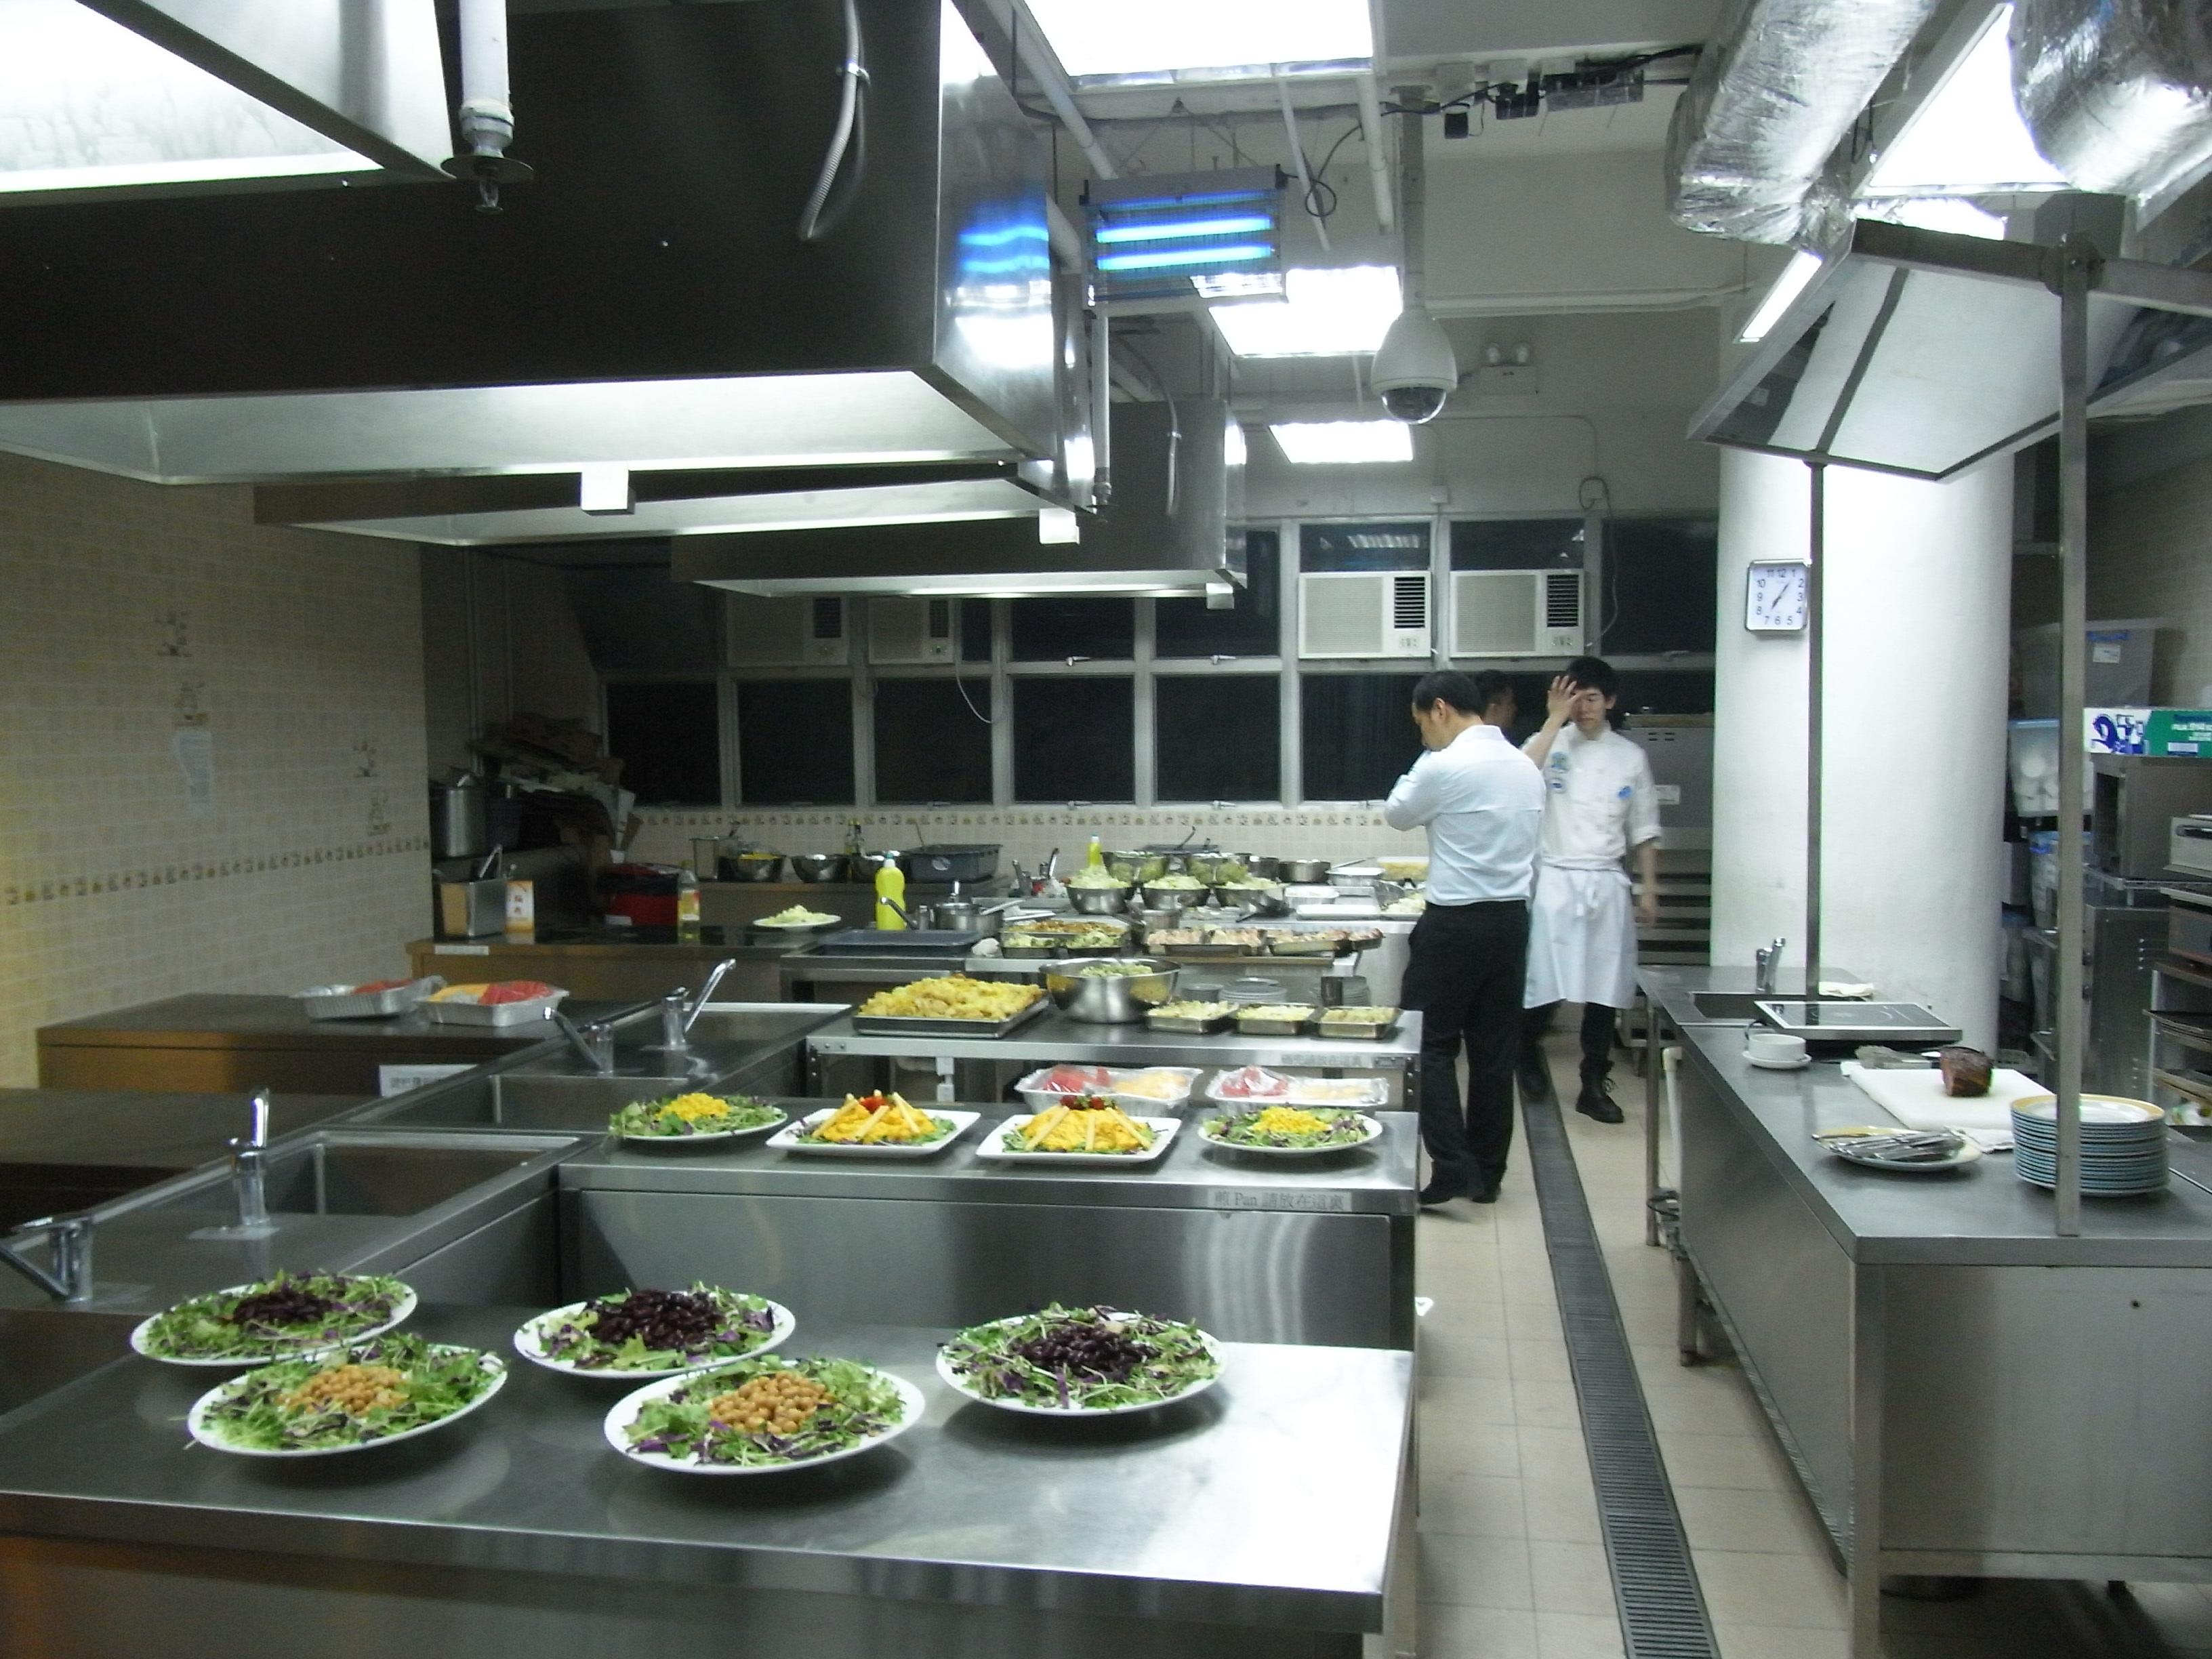 Distribuci n de una cocina industrial el comprador online for La cocina de los alimentos pdf